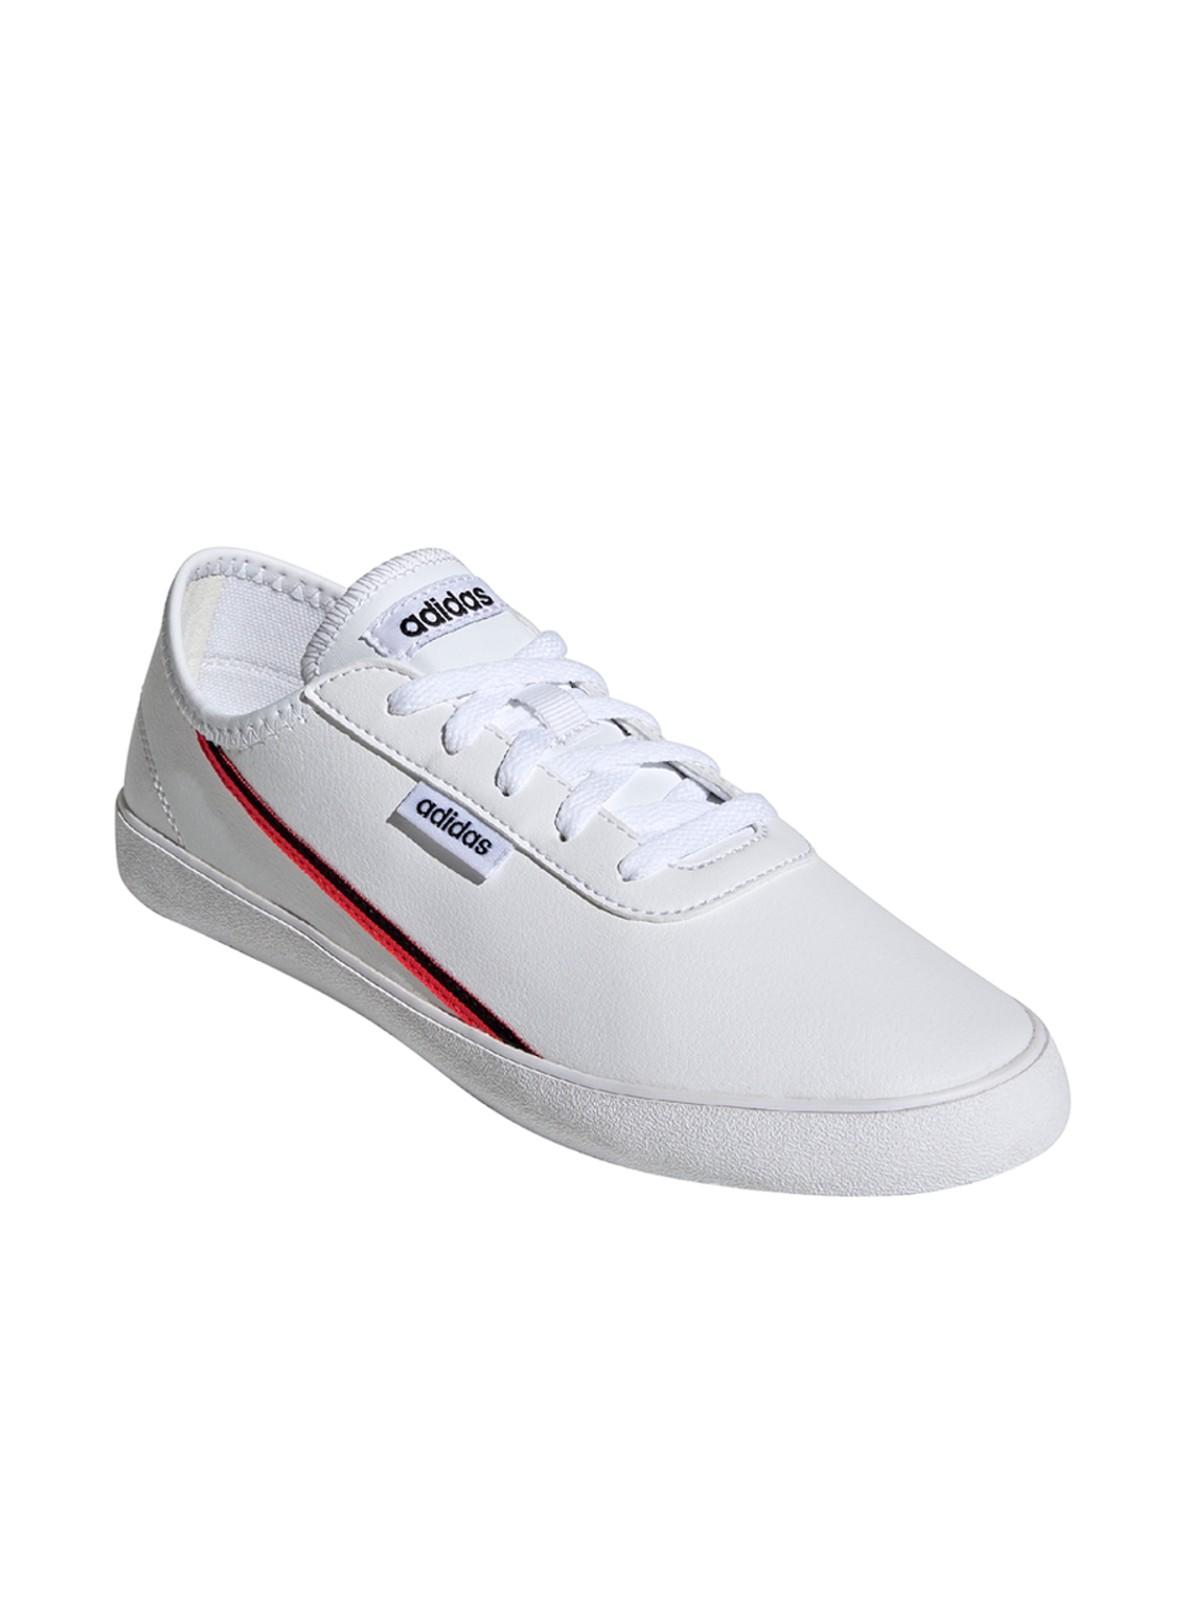 Tennis blanches adidas femme (36-41) - DistriCenter